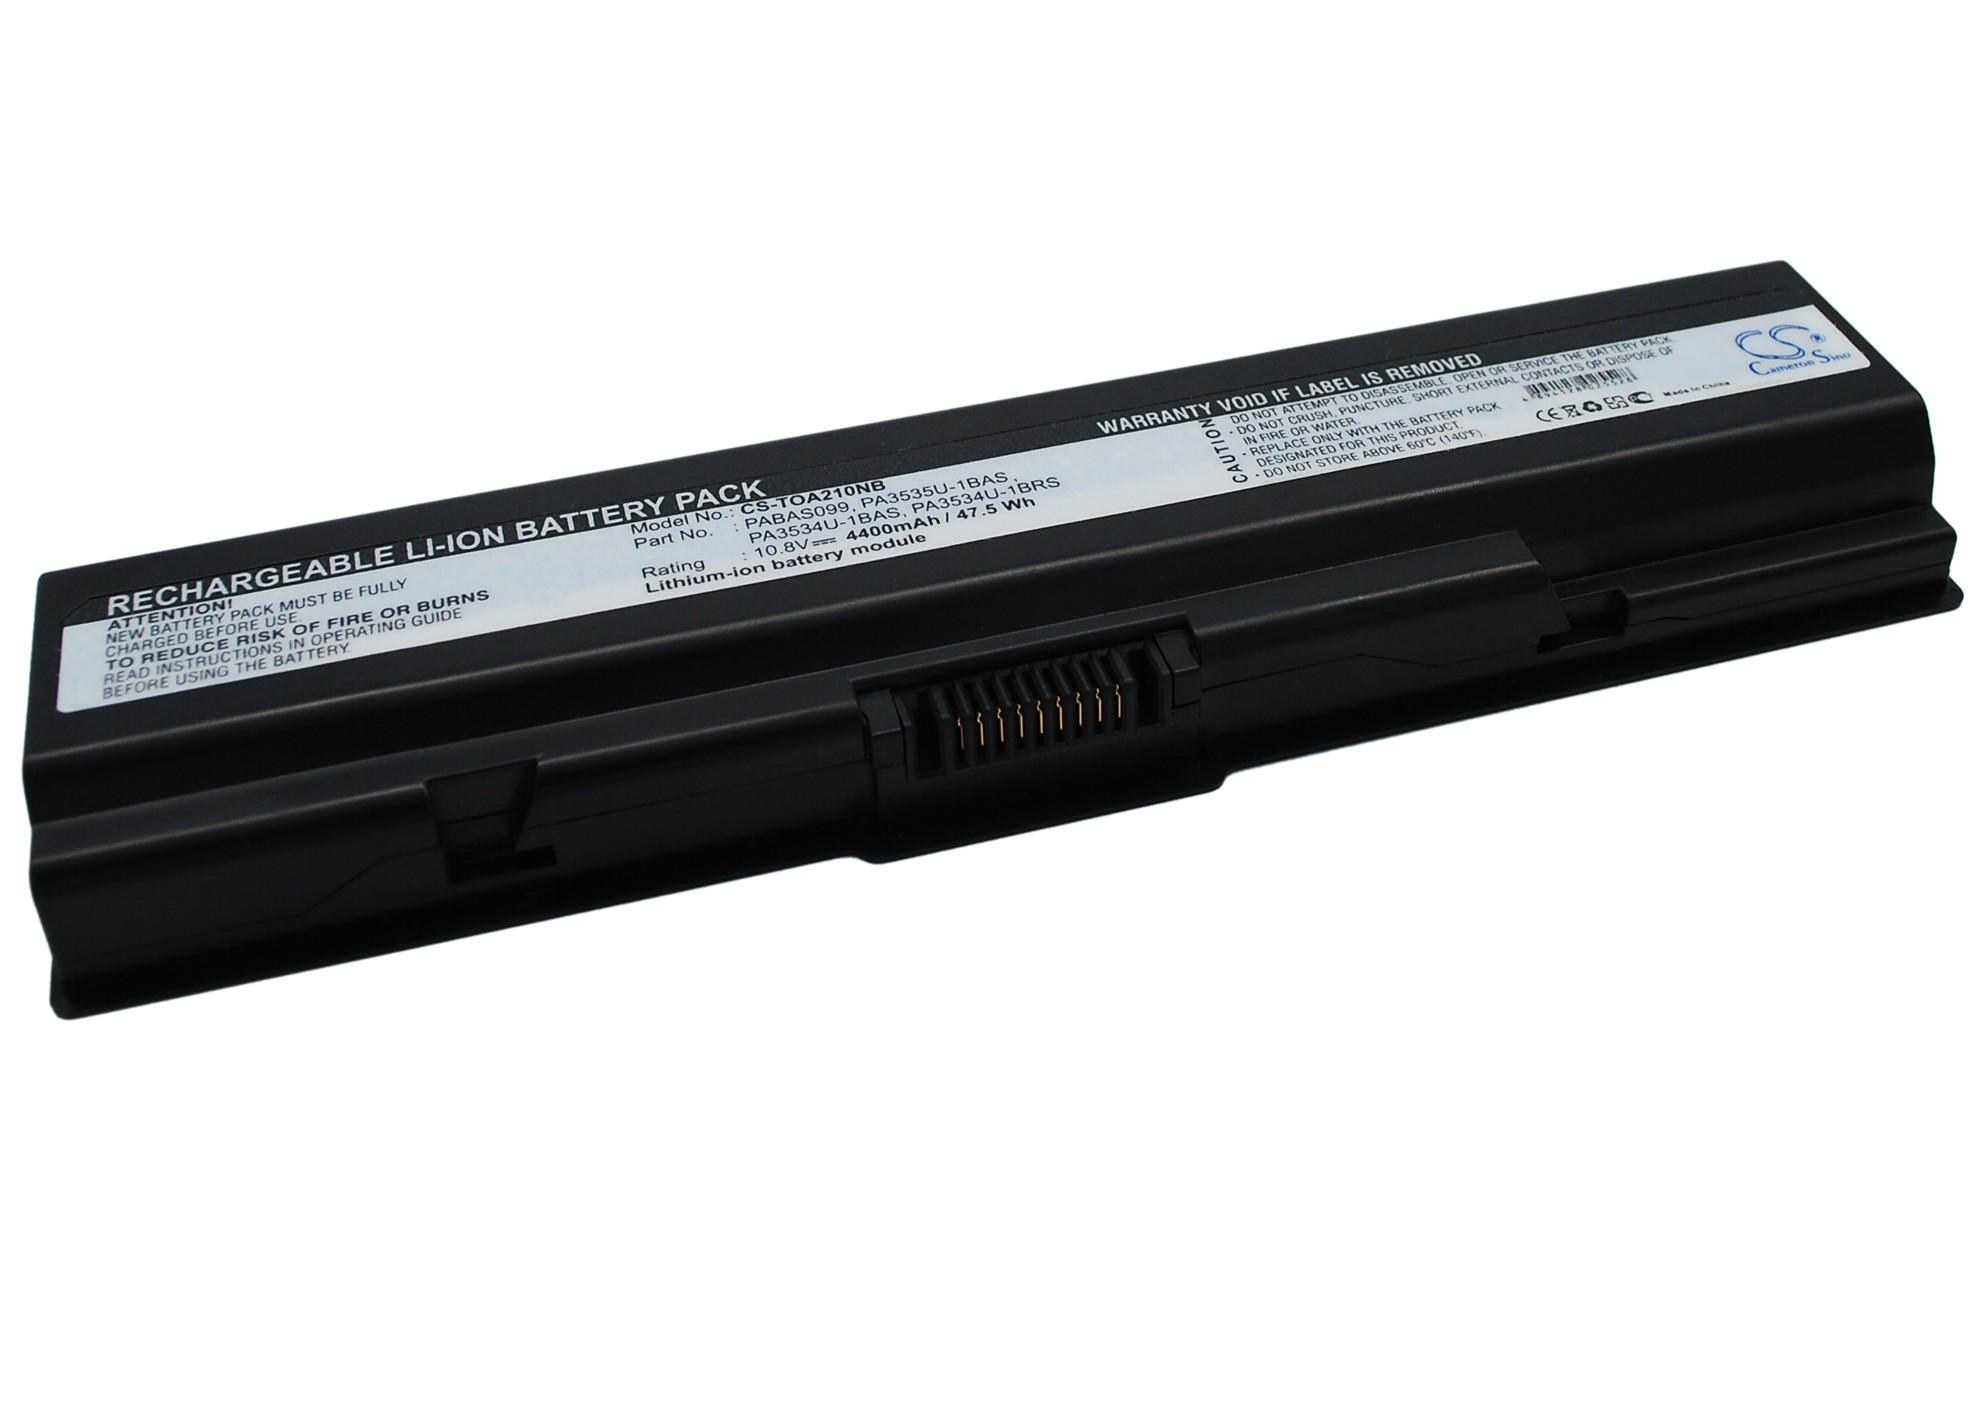 Cameron Sino baterie do notebooků pro TOSHIBA Satellite L505-11D 10.8V Li-ion 4400mAh černá - neoriginální